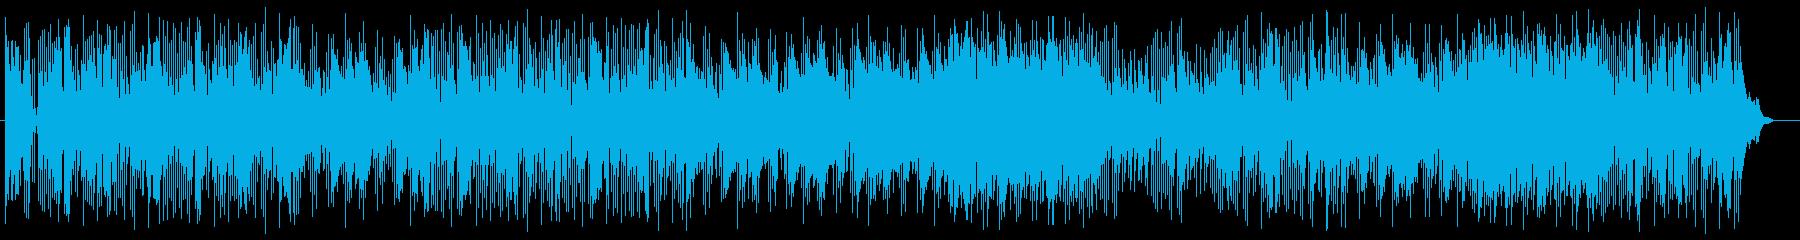 メロディが明るくさわやかなポップスの再生済みの波形